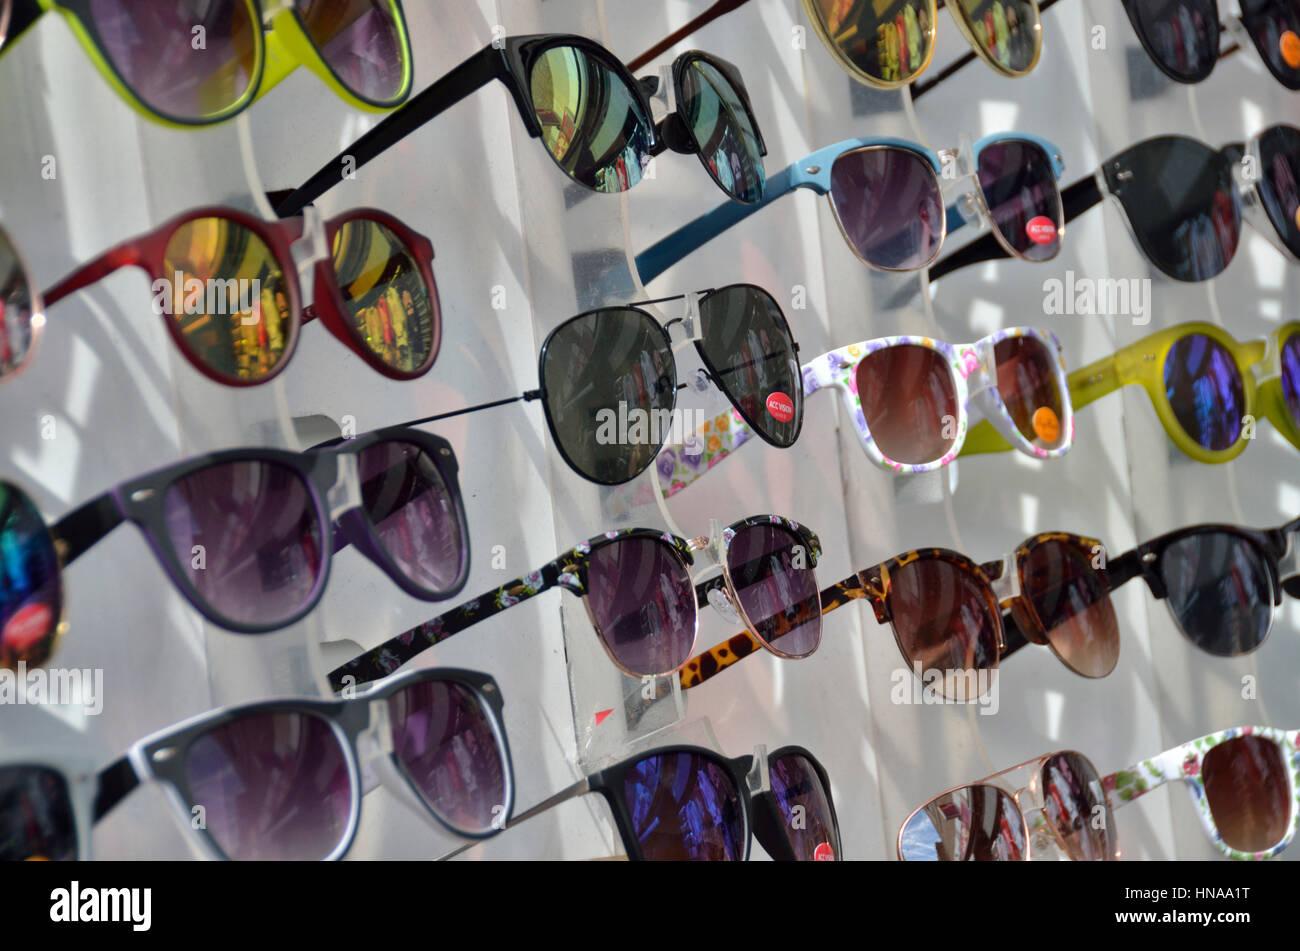 357148b360 Muchas Gafas De Sol Imágenes De Stock & Muchas Gafas De Sol Fotos De ...